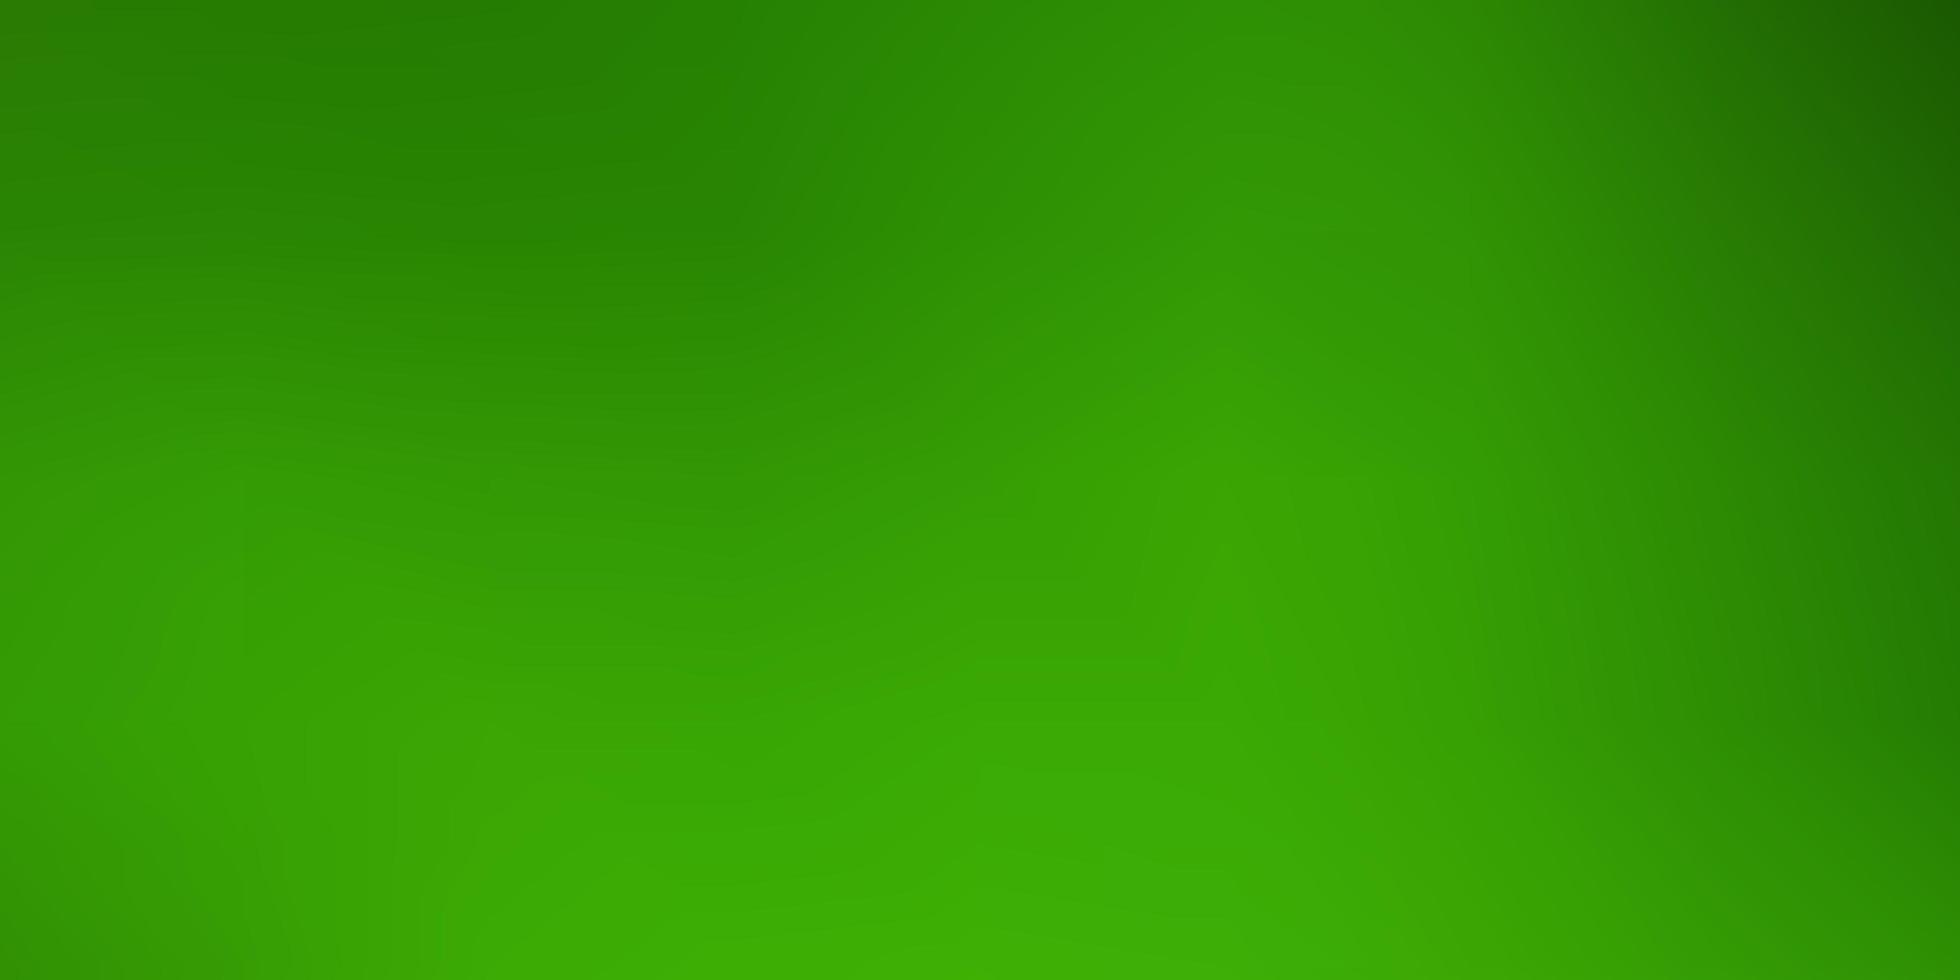 grüner abstrakter unscharfer Hintergrund. vektor